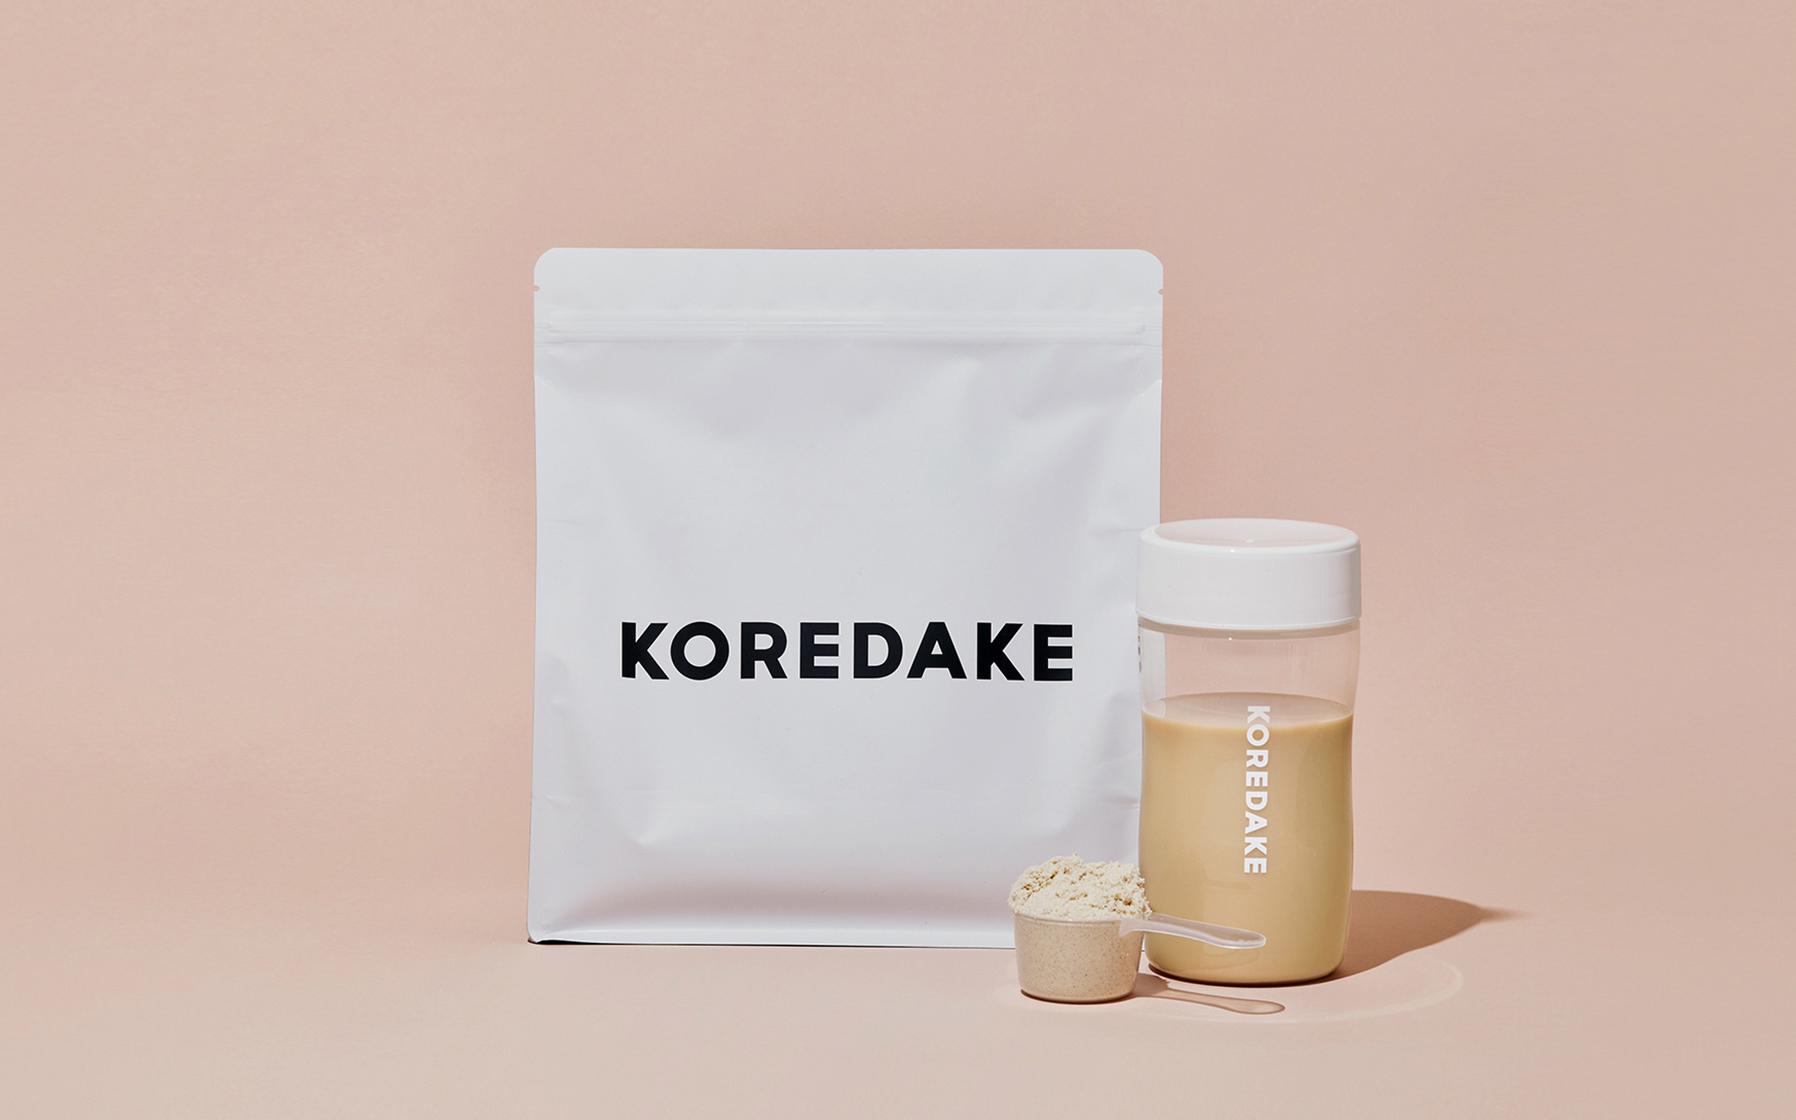 ウェルネスブランド「KOREDAKE」様 – 利用事例